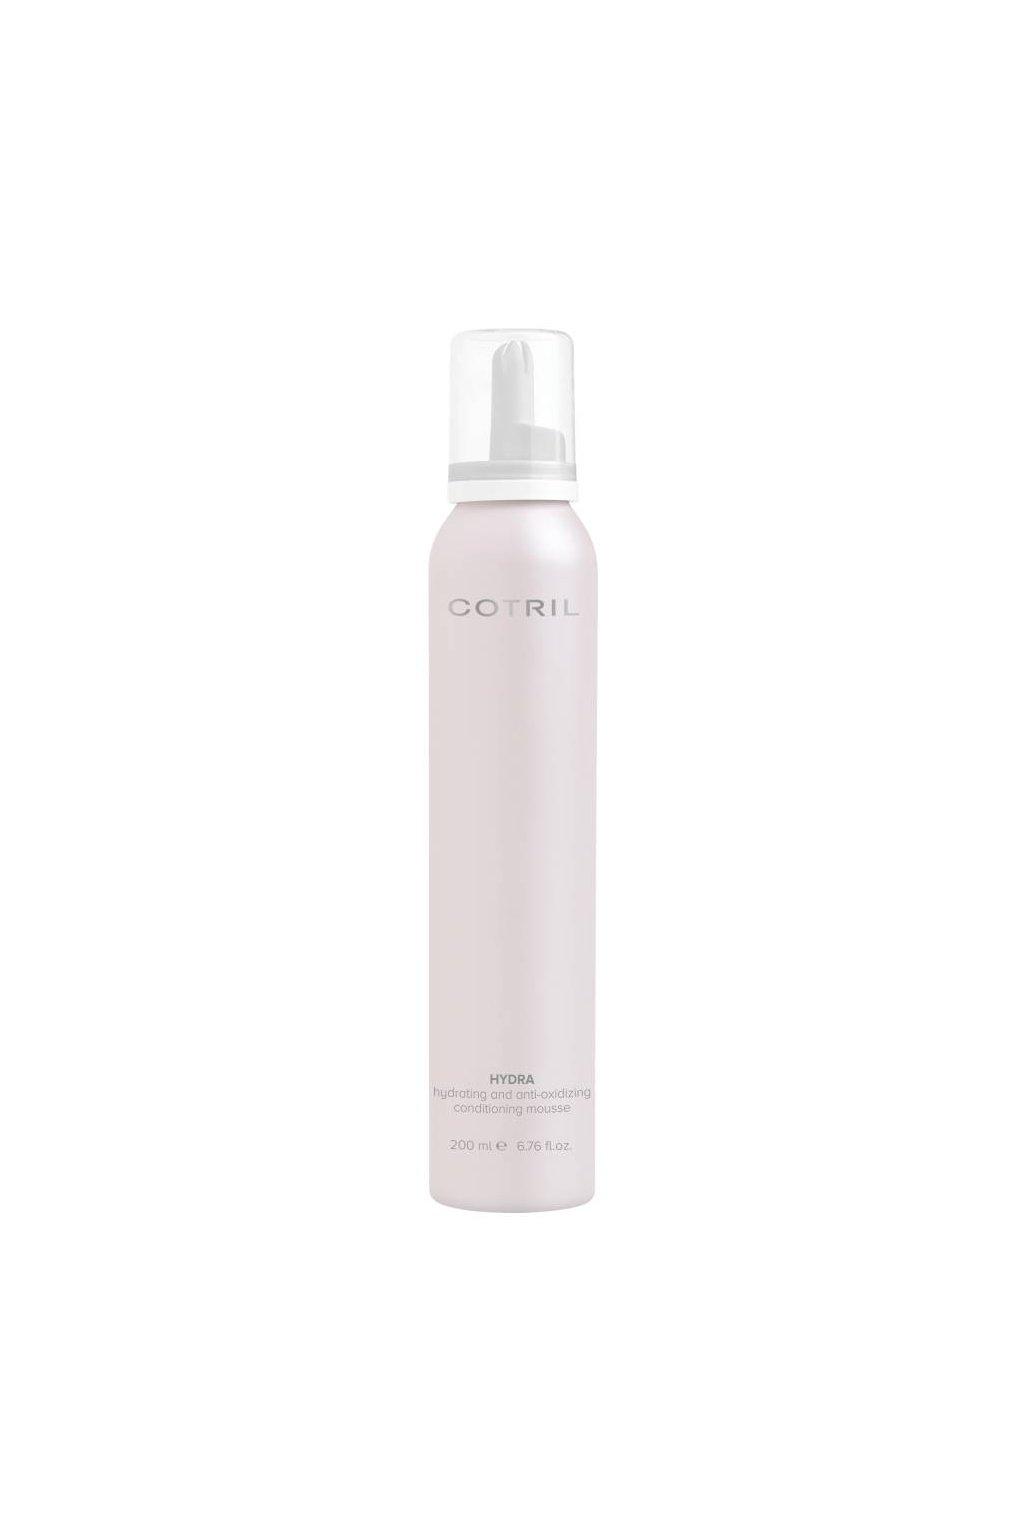 Cotril HYDRA Pěna kondicionér hydratační a antioxidační pro suché vlasy 200ml